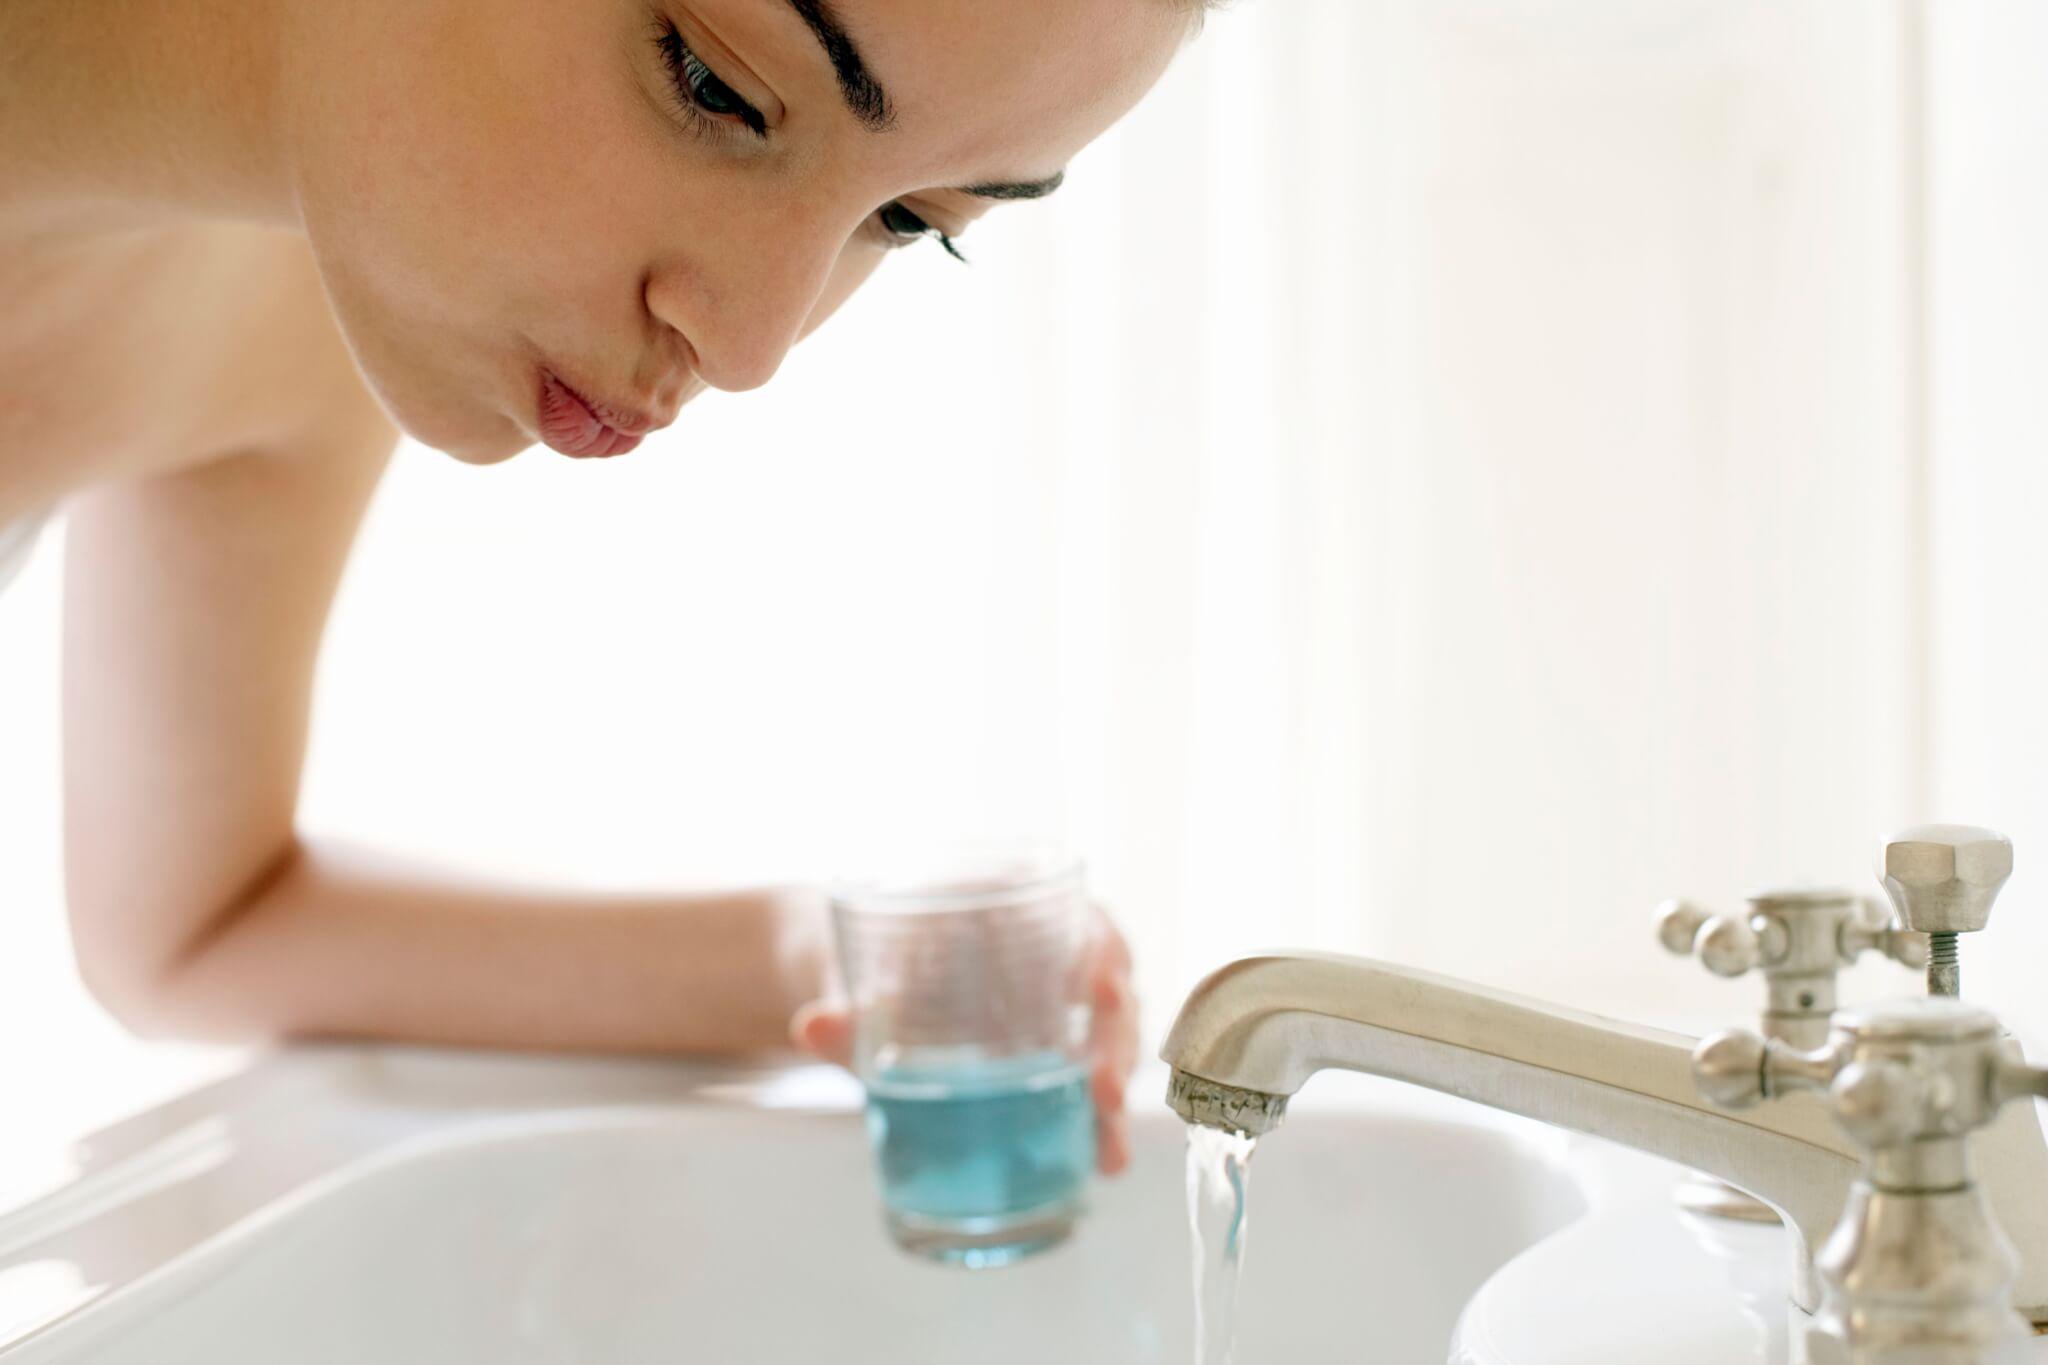 Полезные советы о том, как и чем можно полоскать рот после удаления зуба